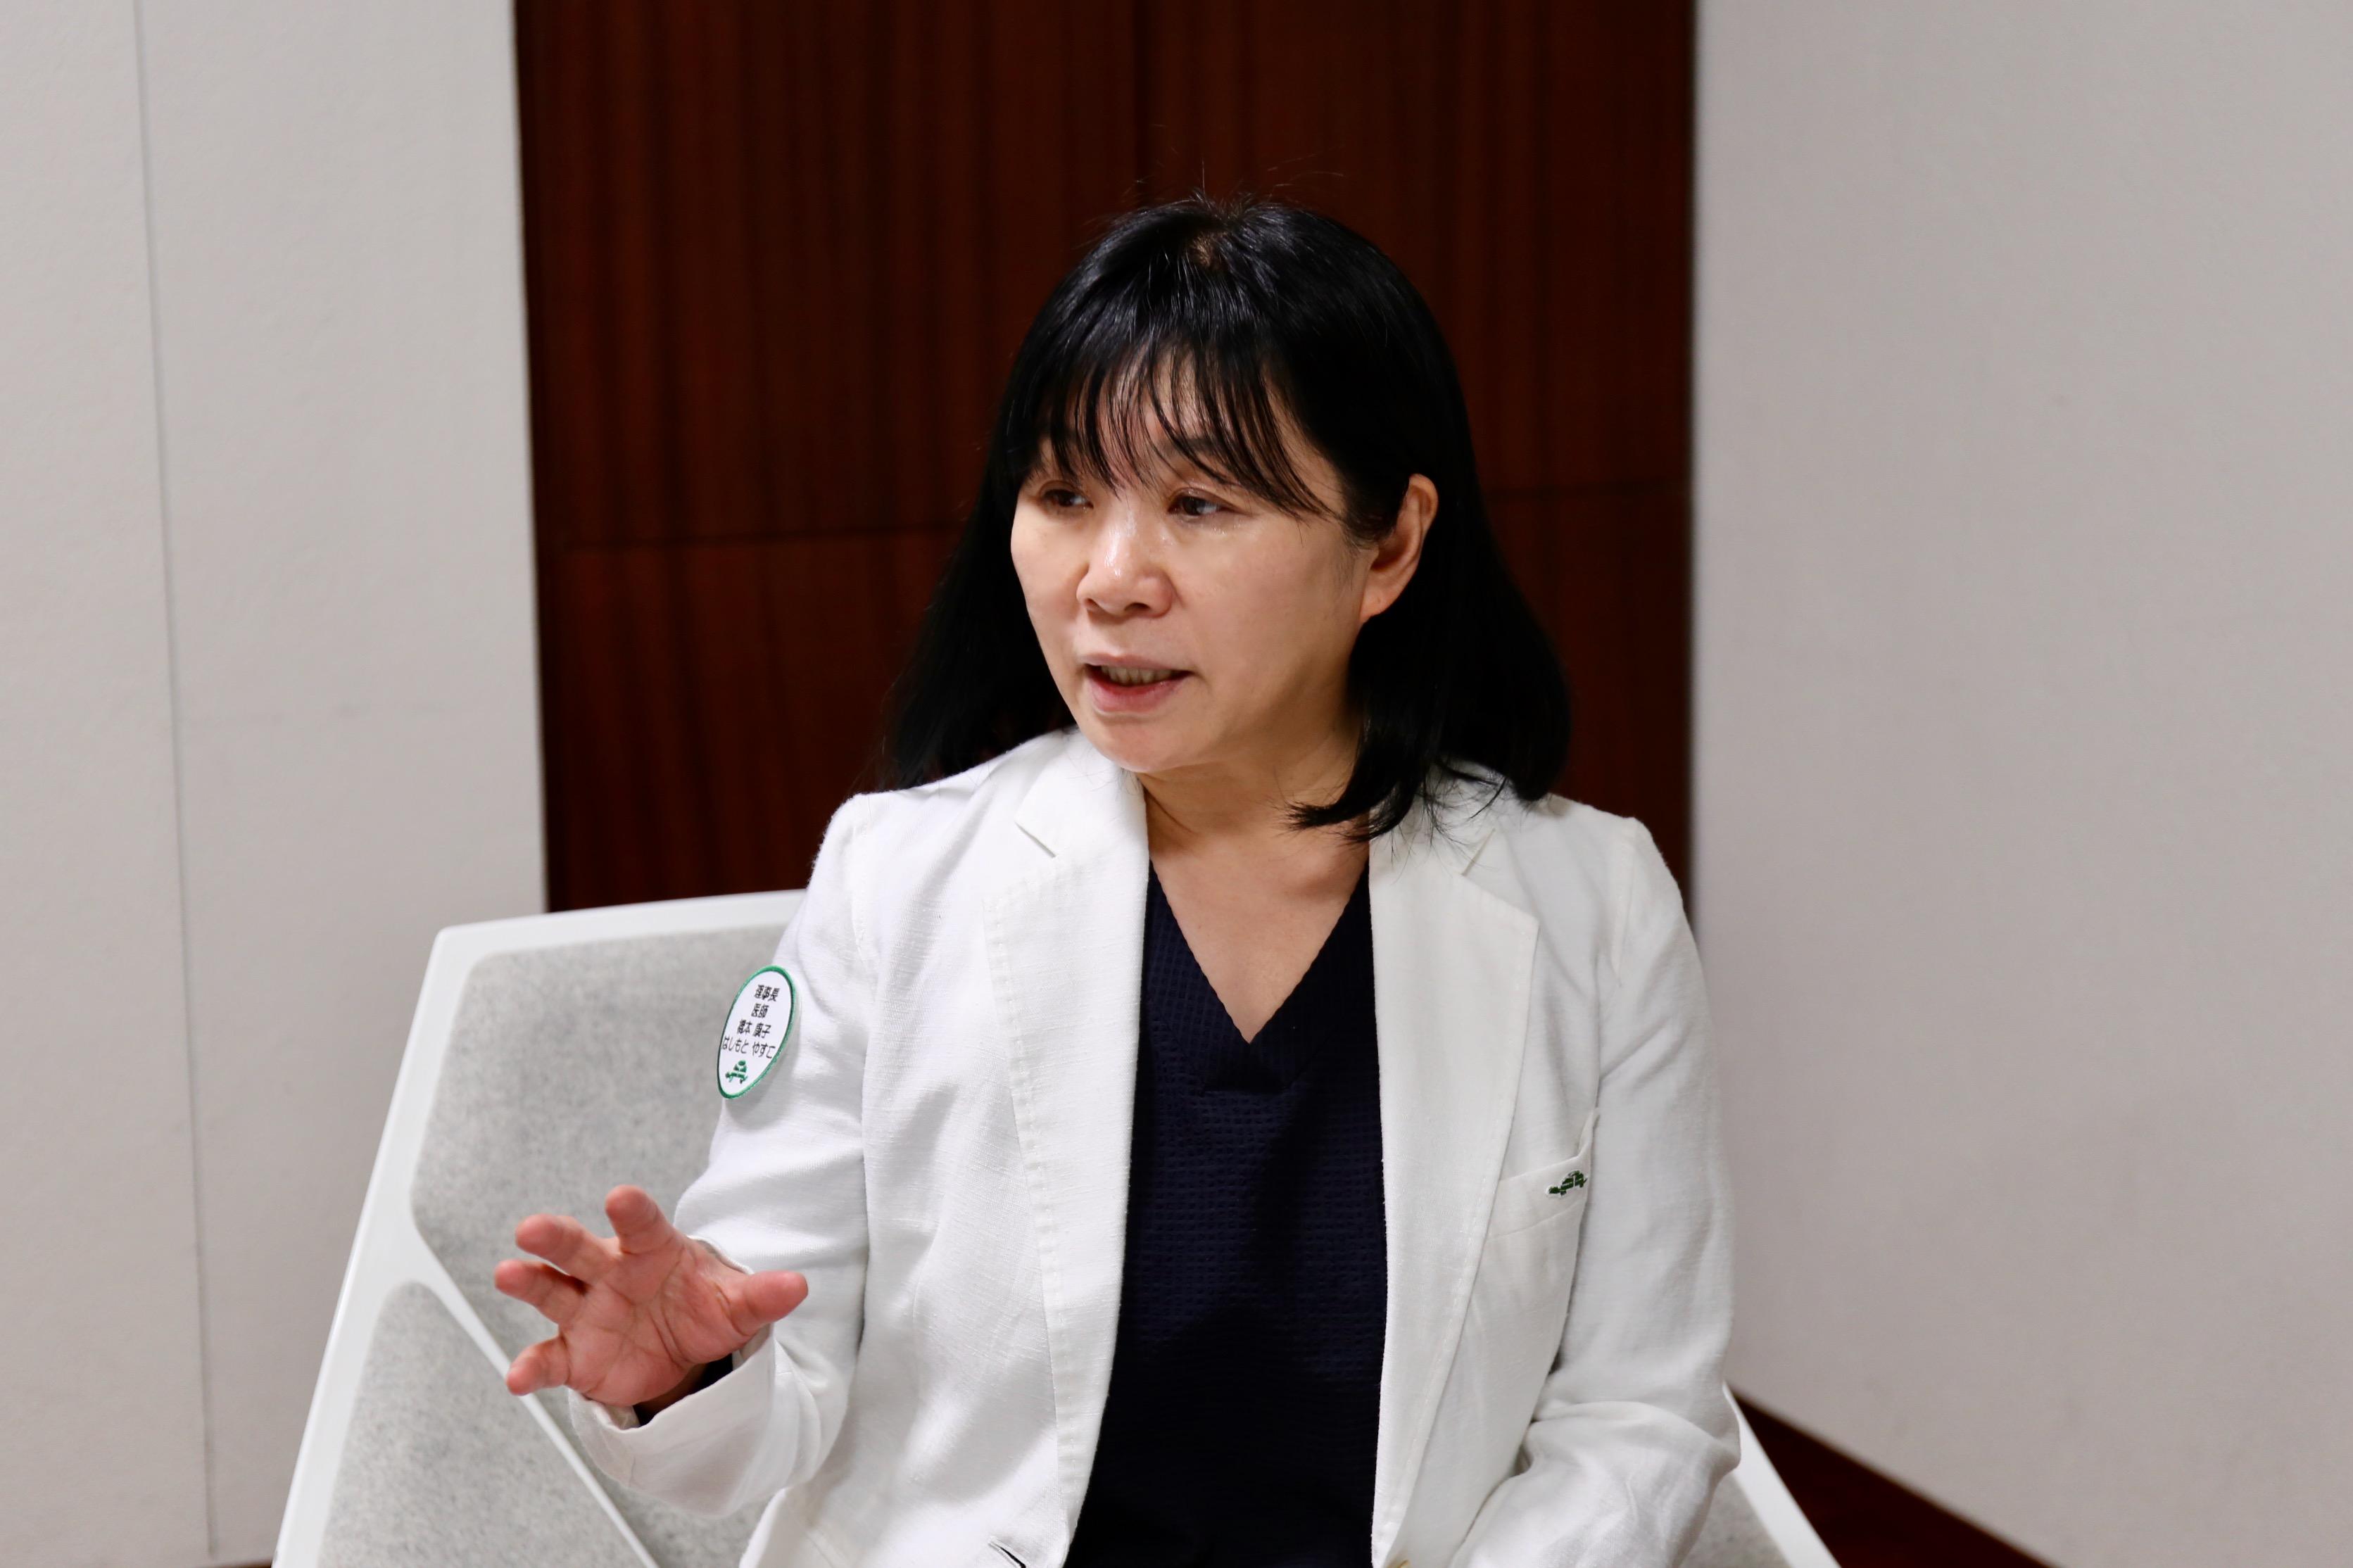 橋本病院/千里リハビリテーション病院における新型コロナウイルス感染症への対応